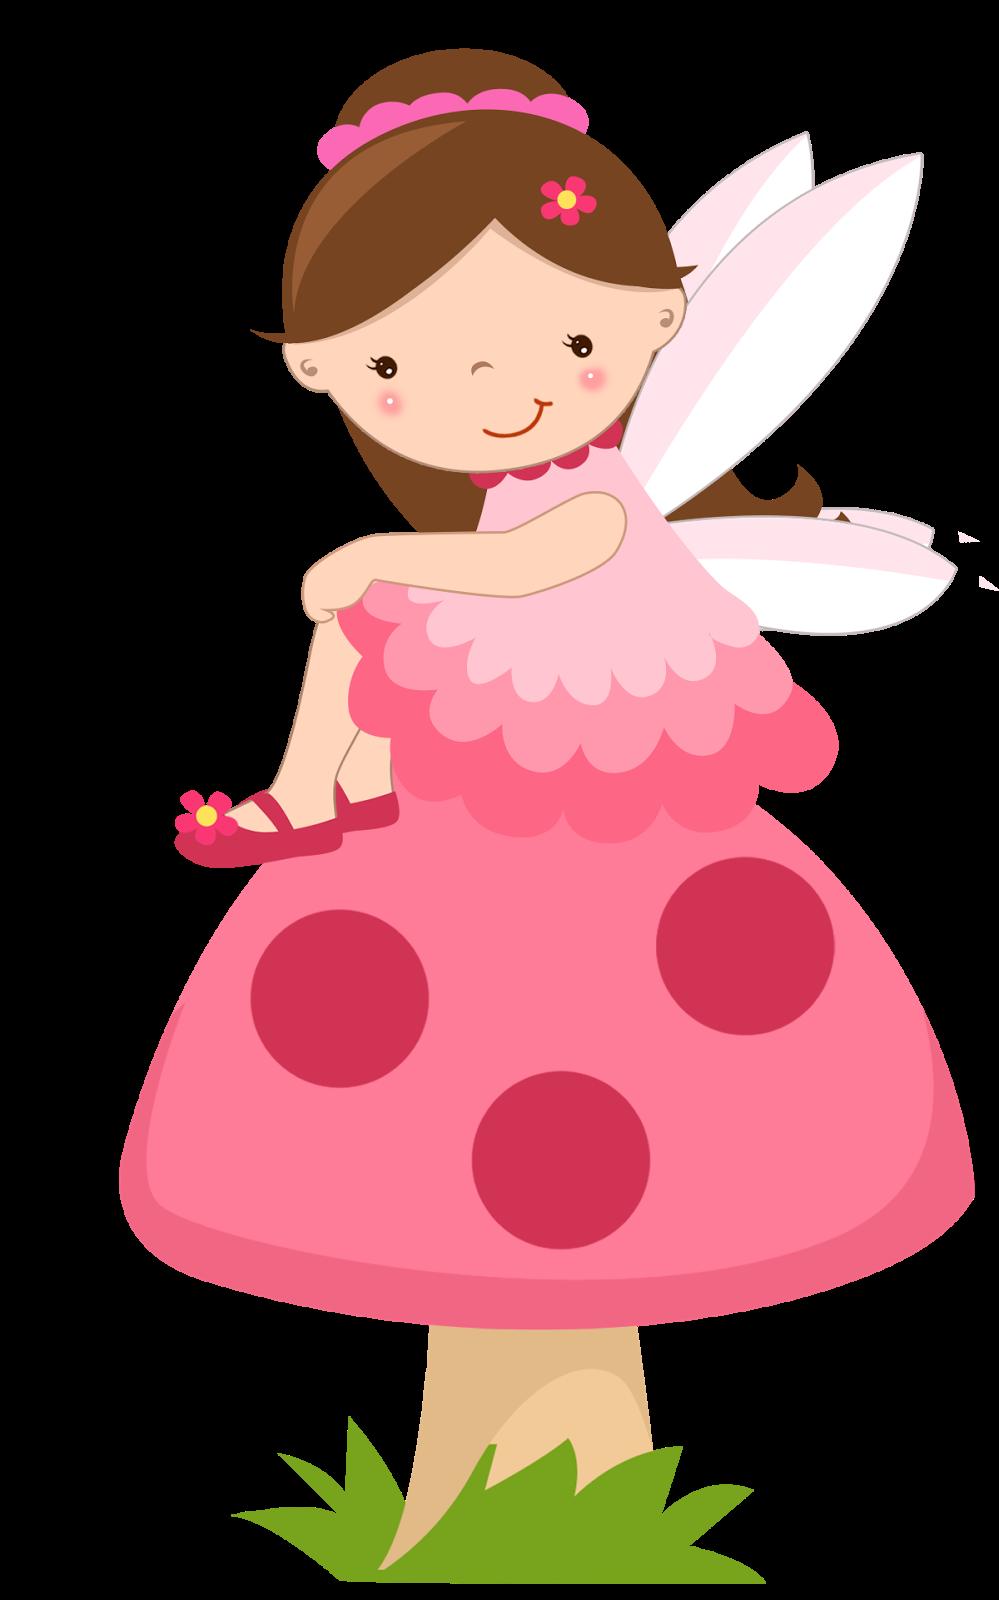 Fairy house clipart clip hada infantil png - Buscar con Google | Imágenes de colores ... clip